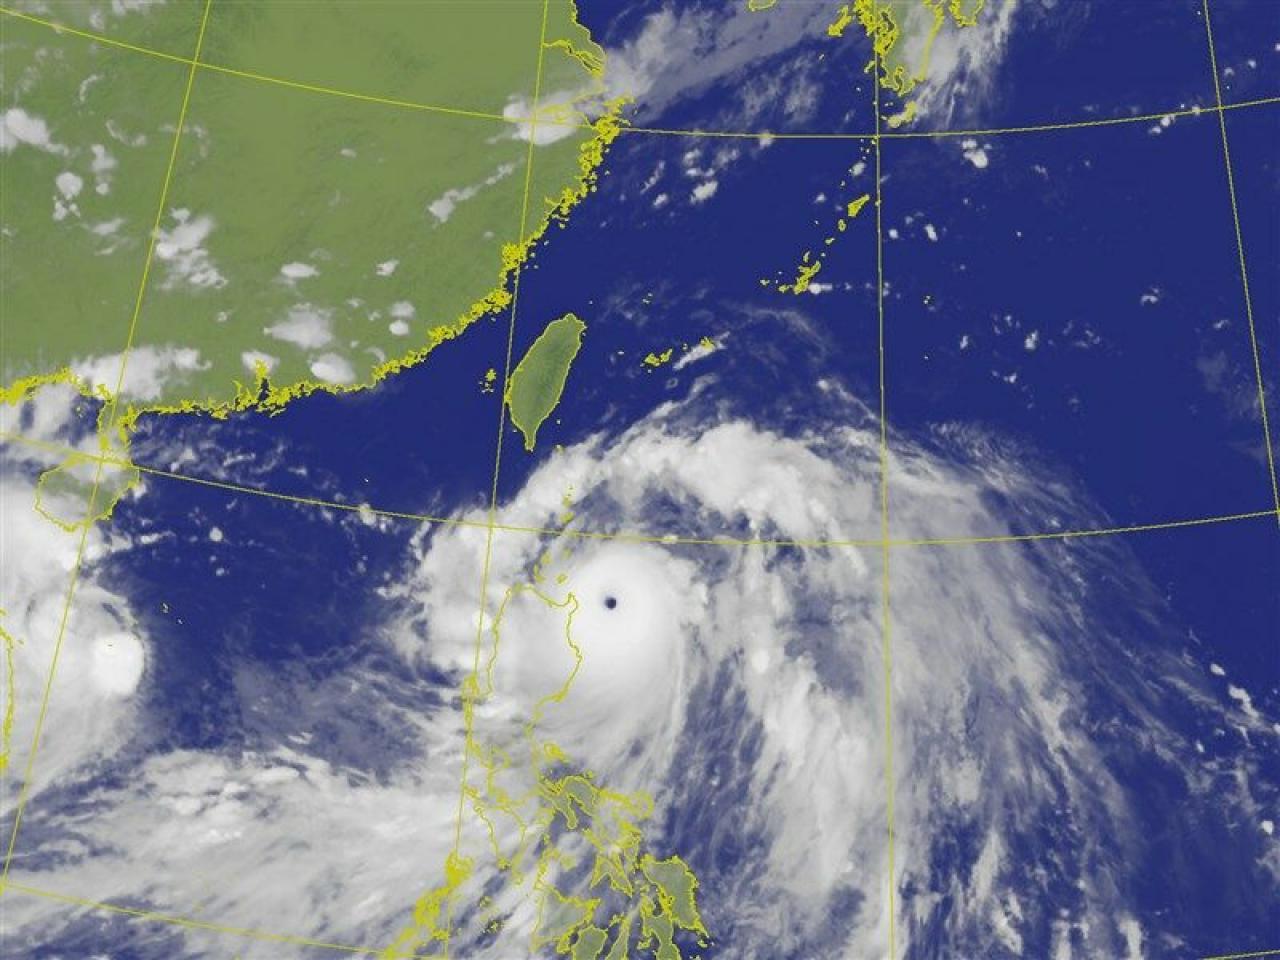 Il super tifone Chanthu in avvicinamento dalle Filippine a Taiwan